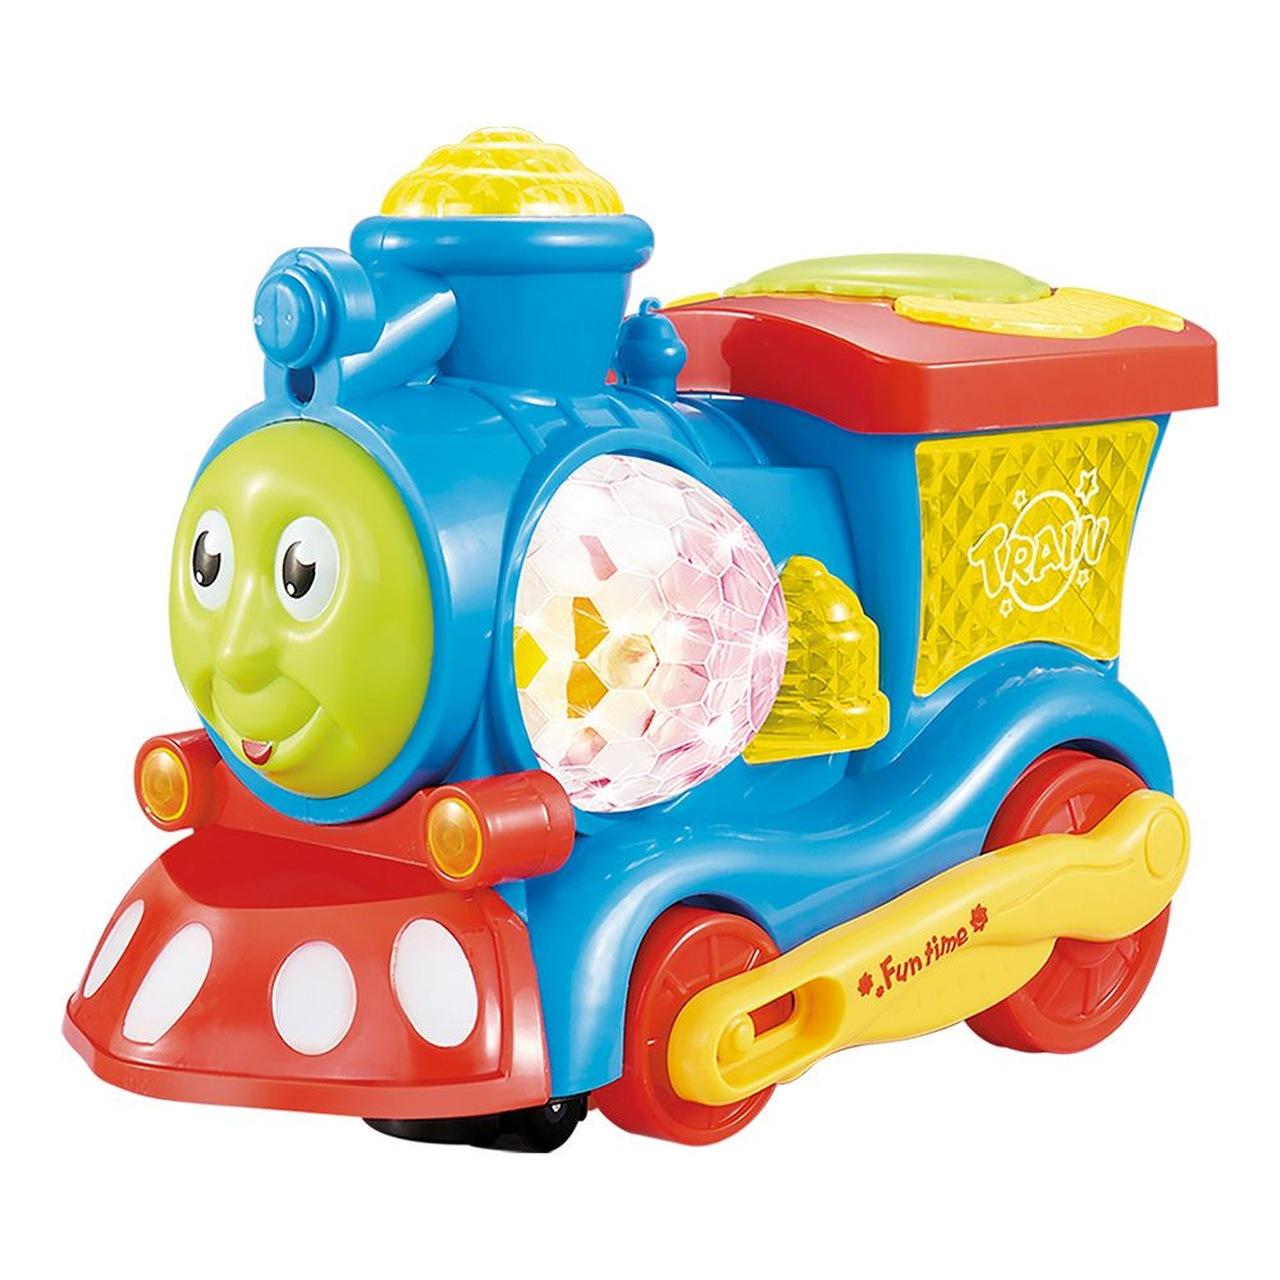 Trem de Brinquedo Bate e Volta Com Luzes Dm Toys - 5101